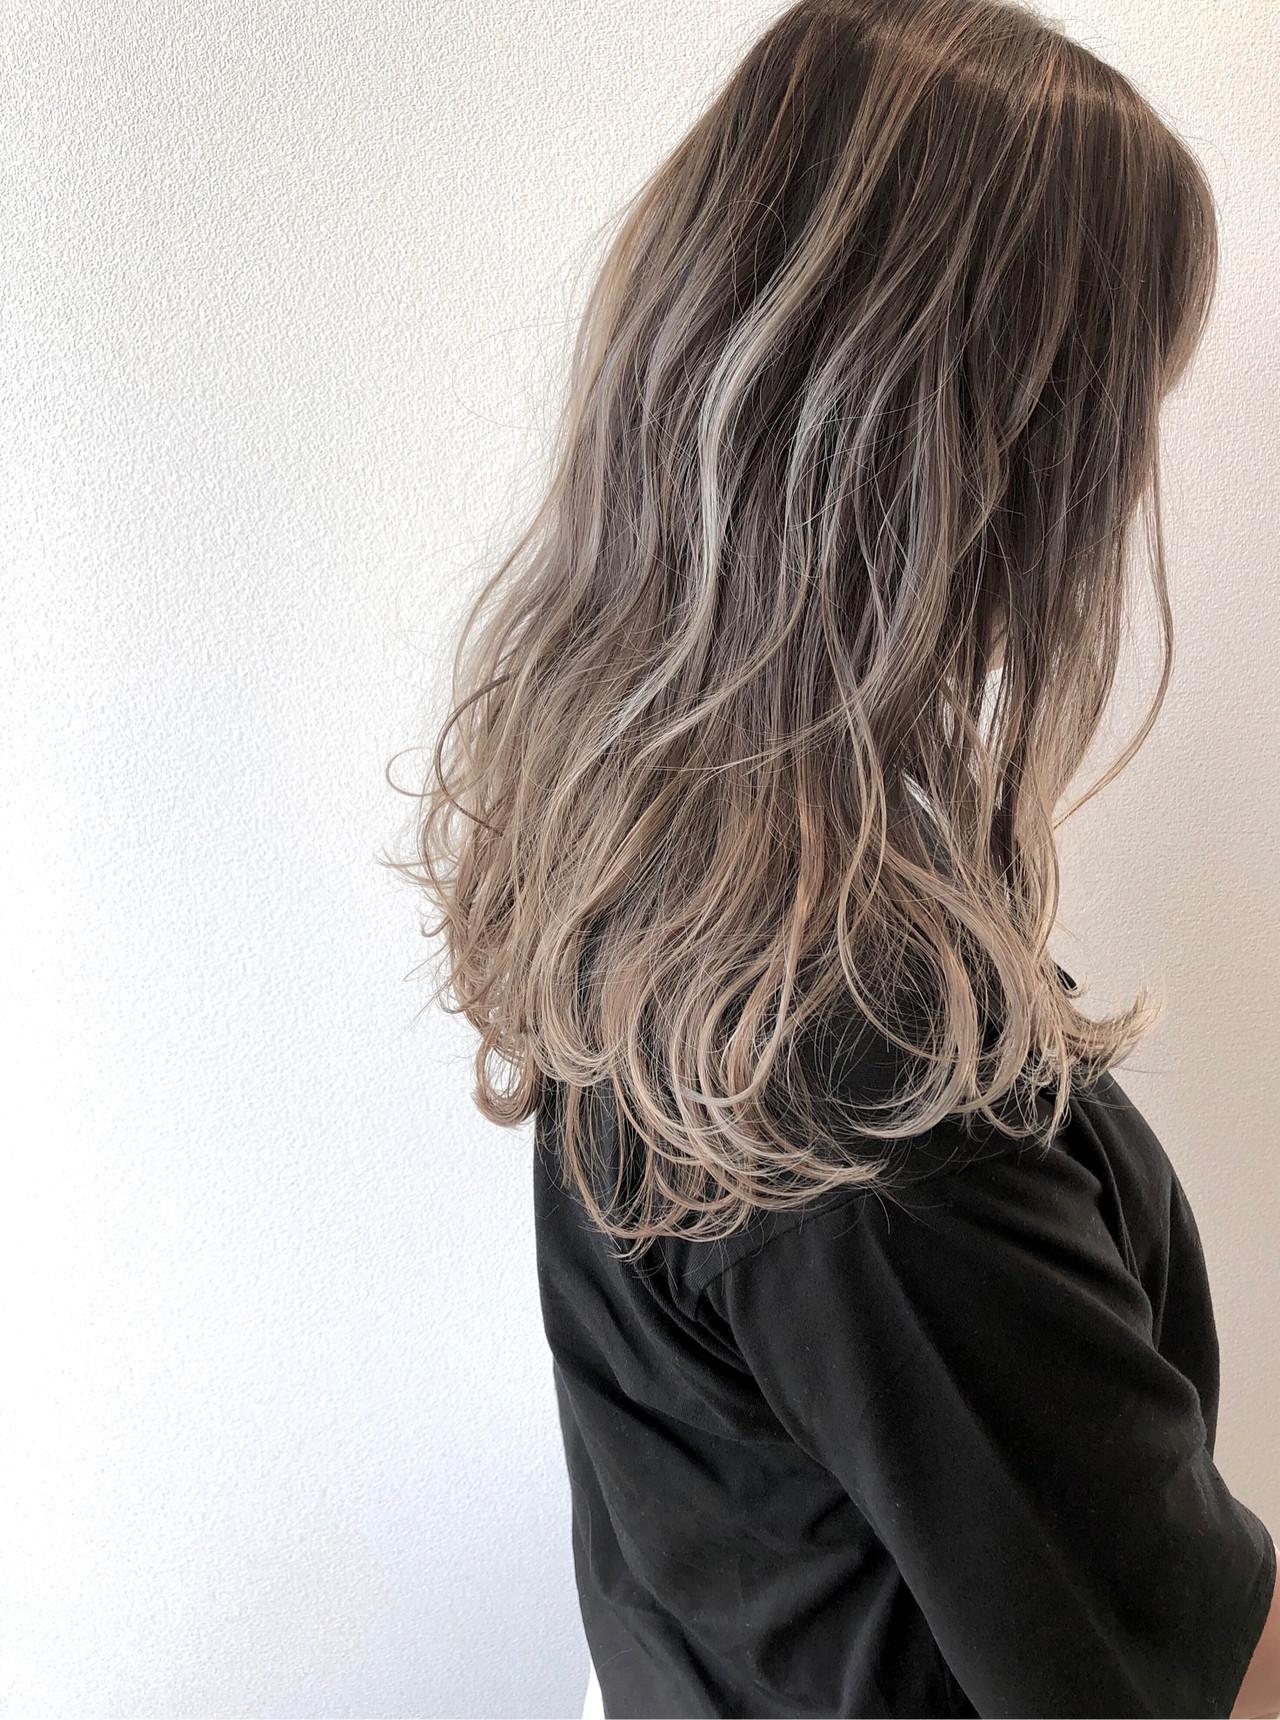 ロング ハイライト コントラストハイライト 秋冬スタイル ヘアスタイルや髪型の写真・画像